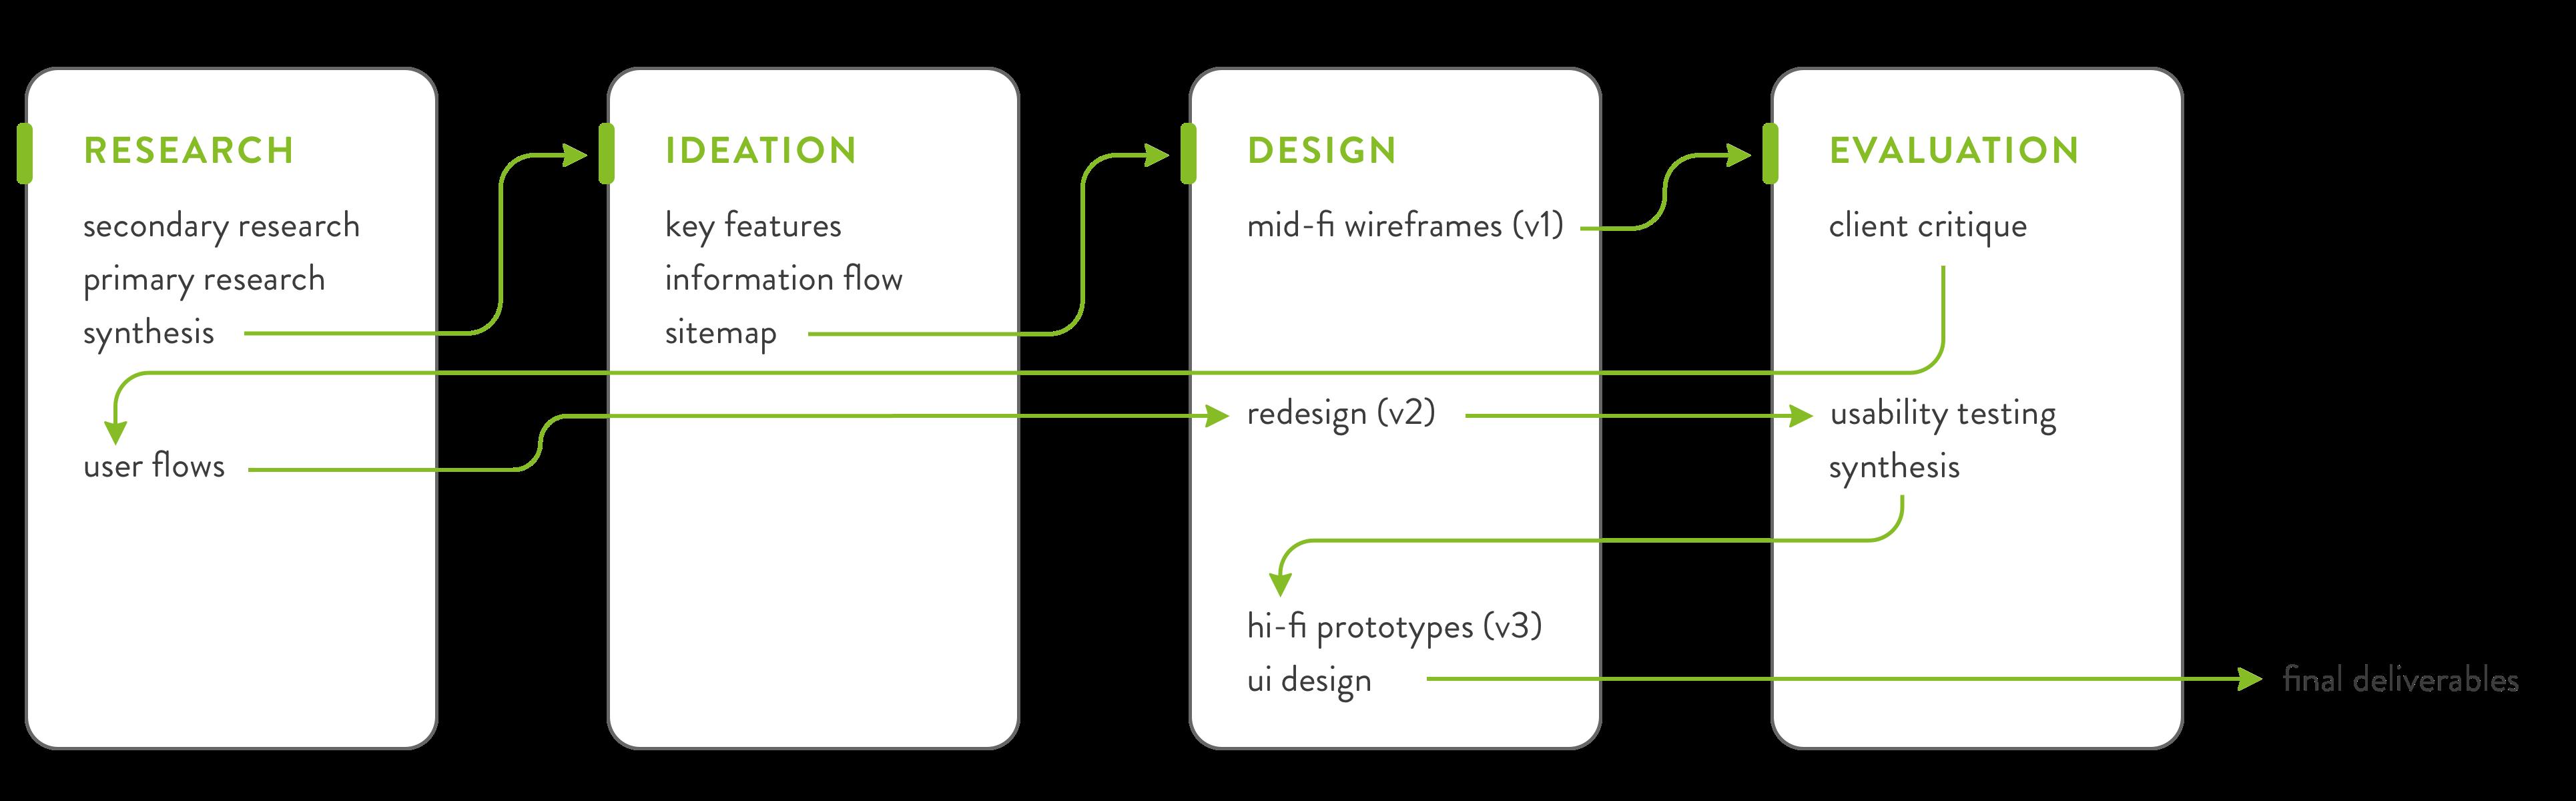 Deloitte-process